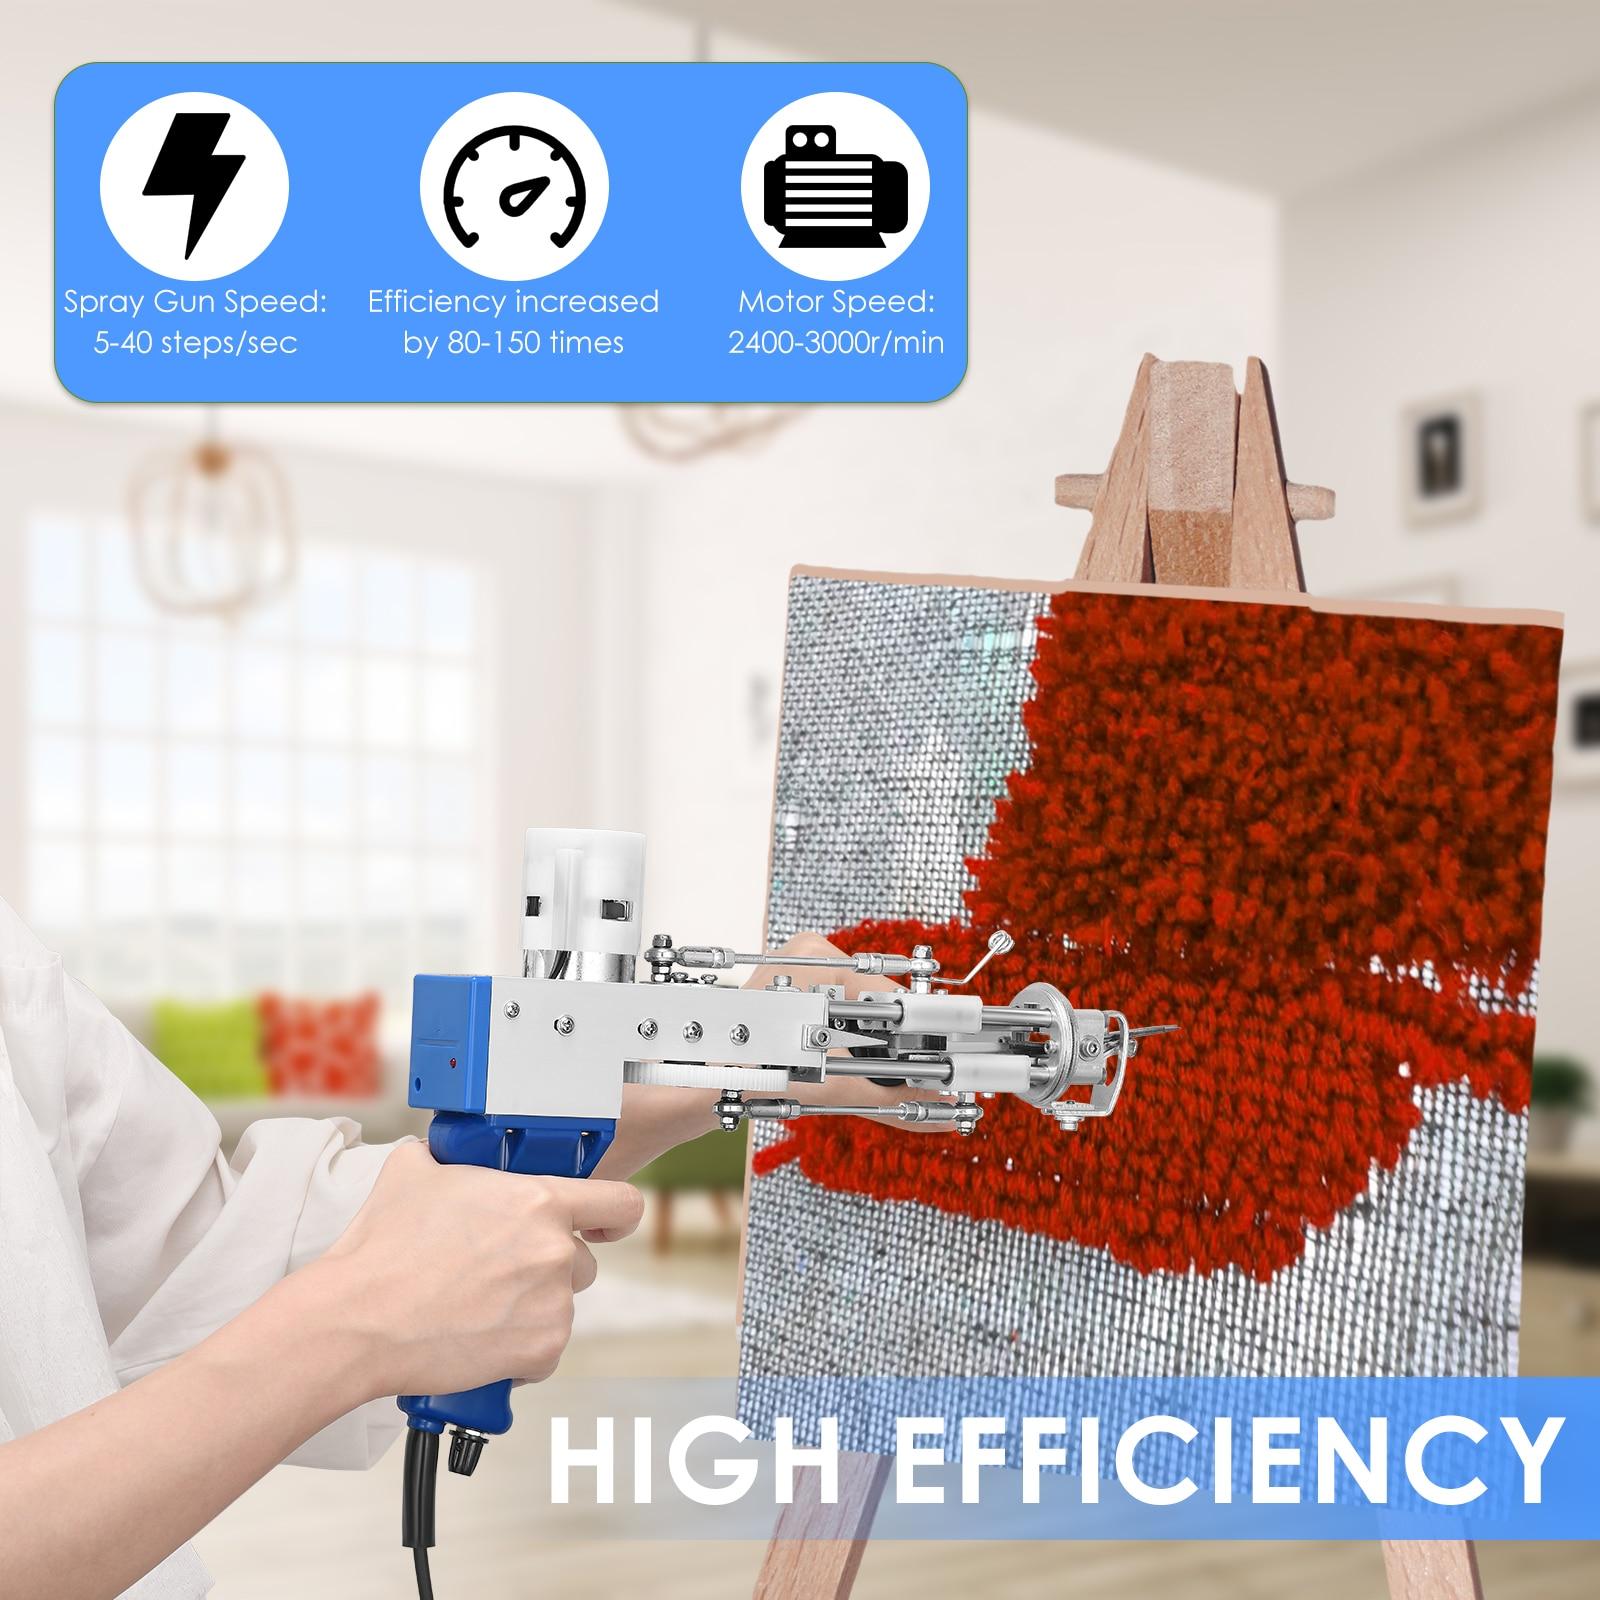 Electric Carpet Tufting Gun Cut Pile and Loop Pile 2 in 1 Carpet Rug Guns Carpet Weaving Knitting Machine for DIY, Knitting enlarge